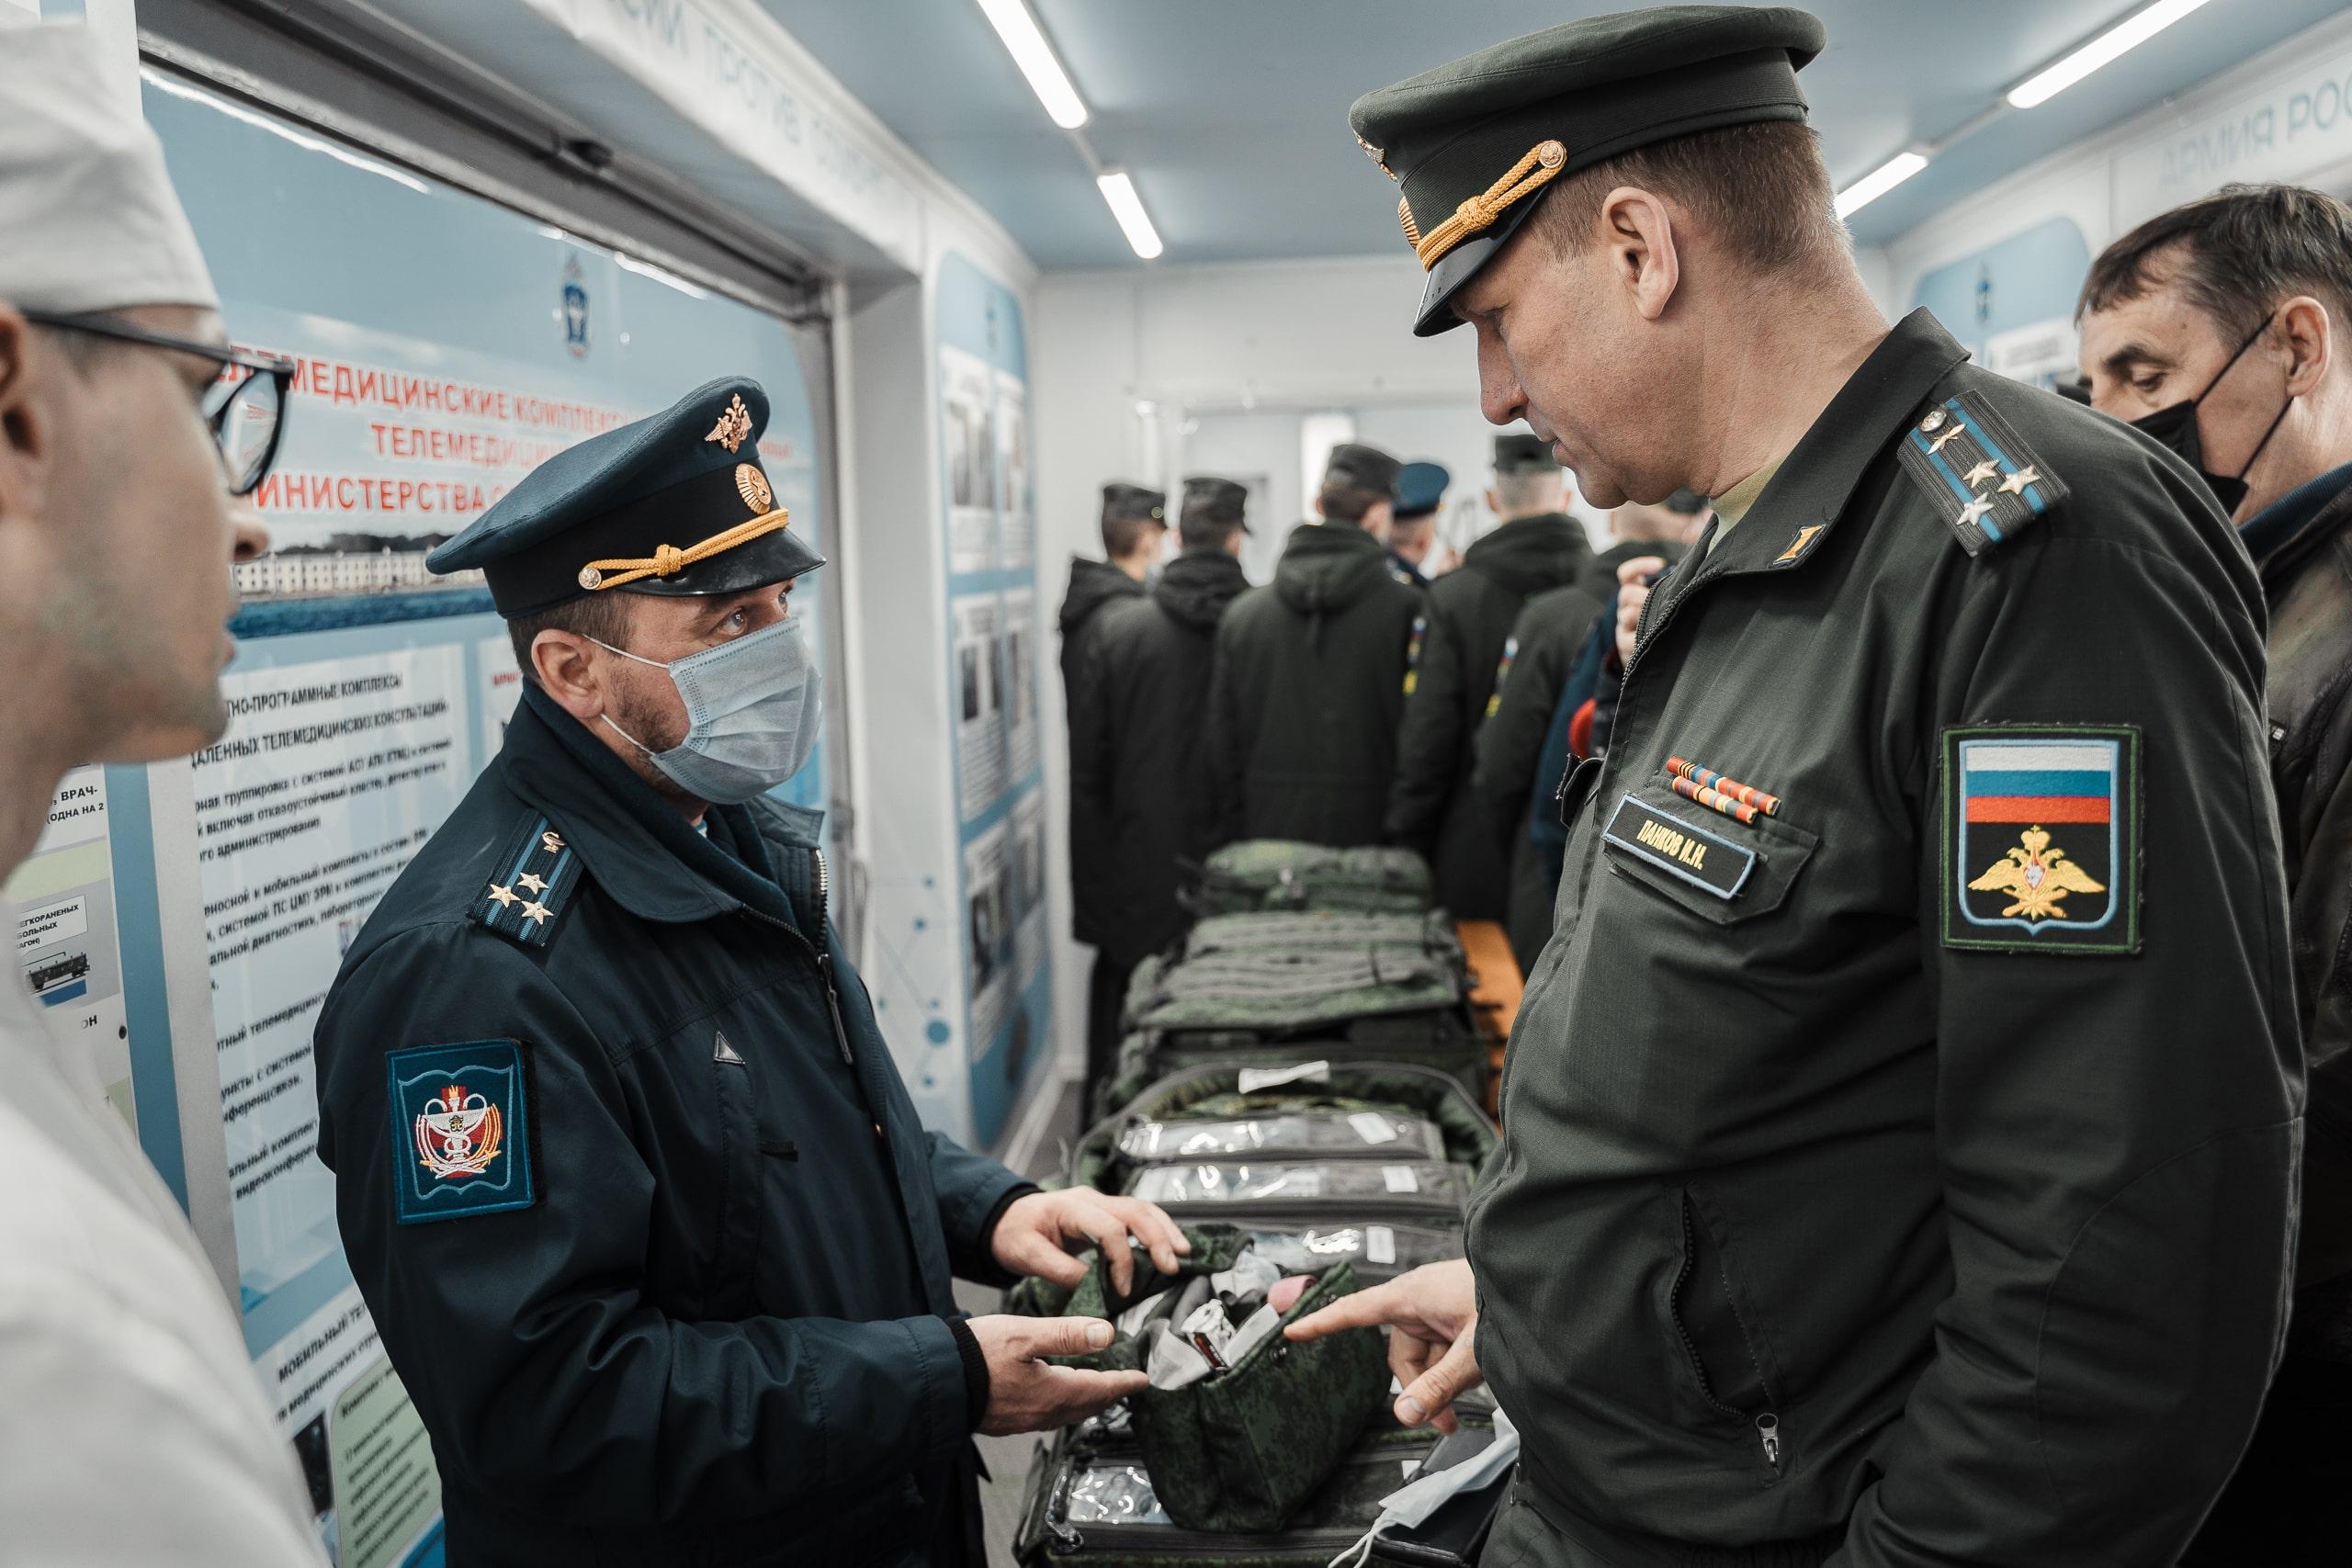 Военная история и новейшее вооружение: тематический поезд прибыл в Тверь